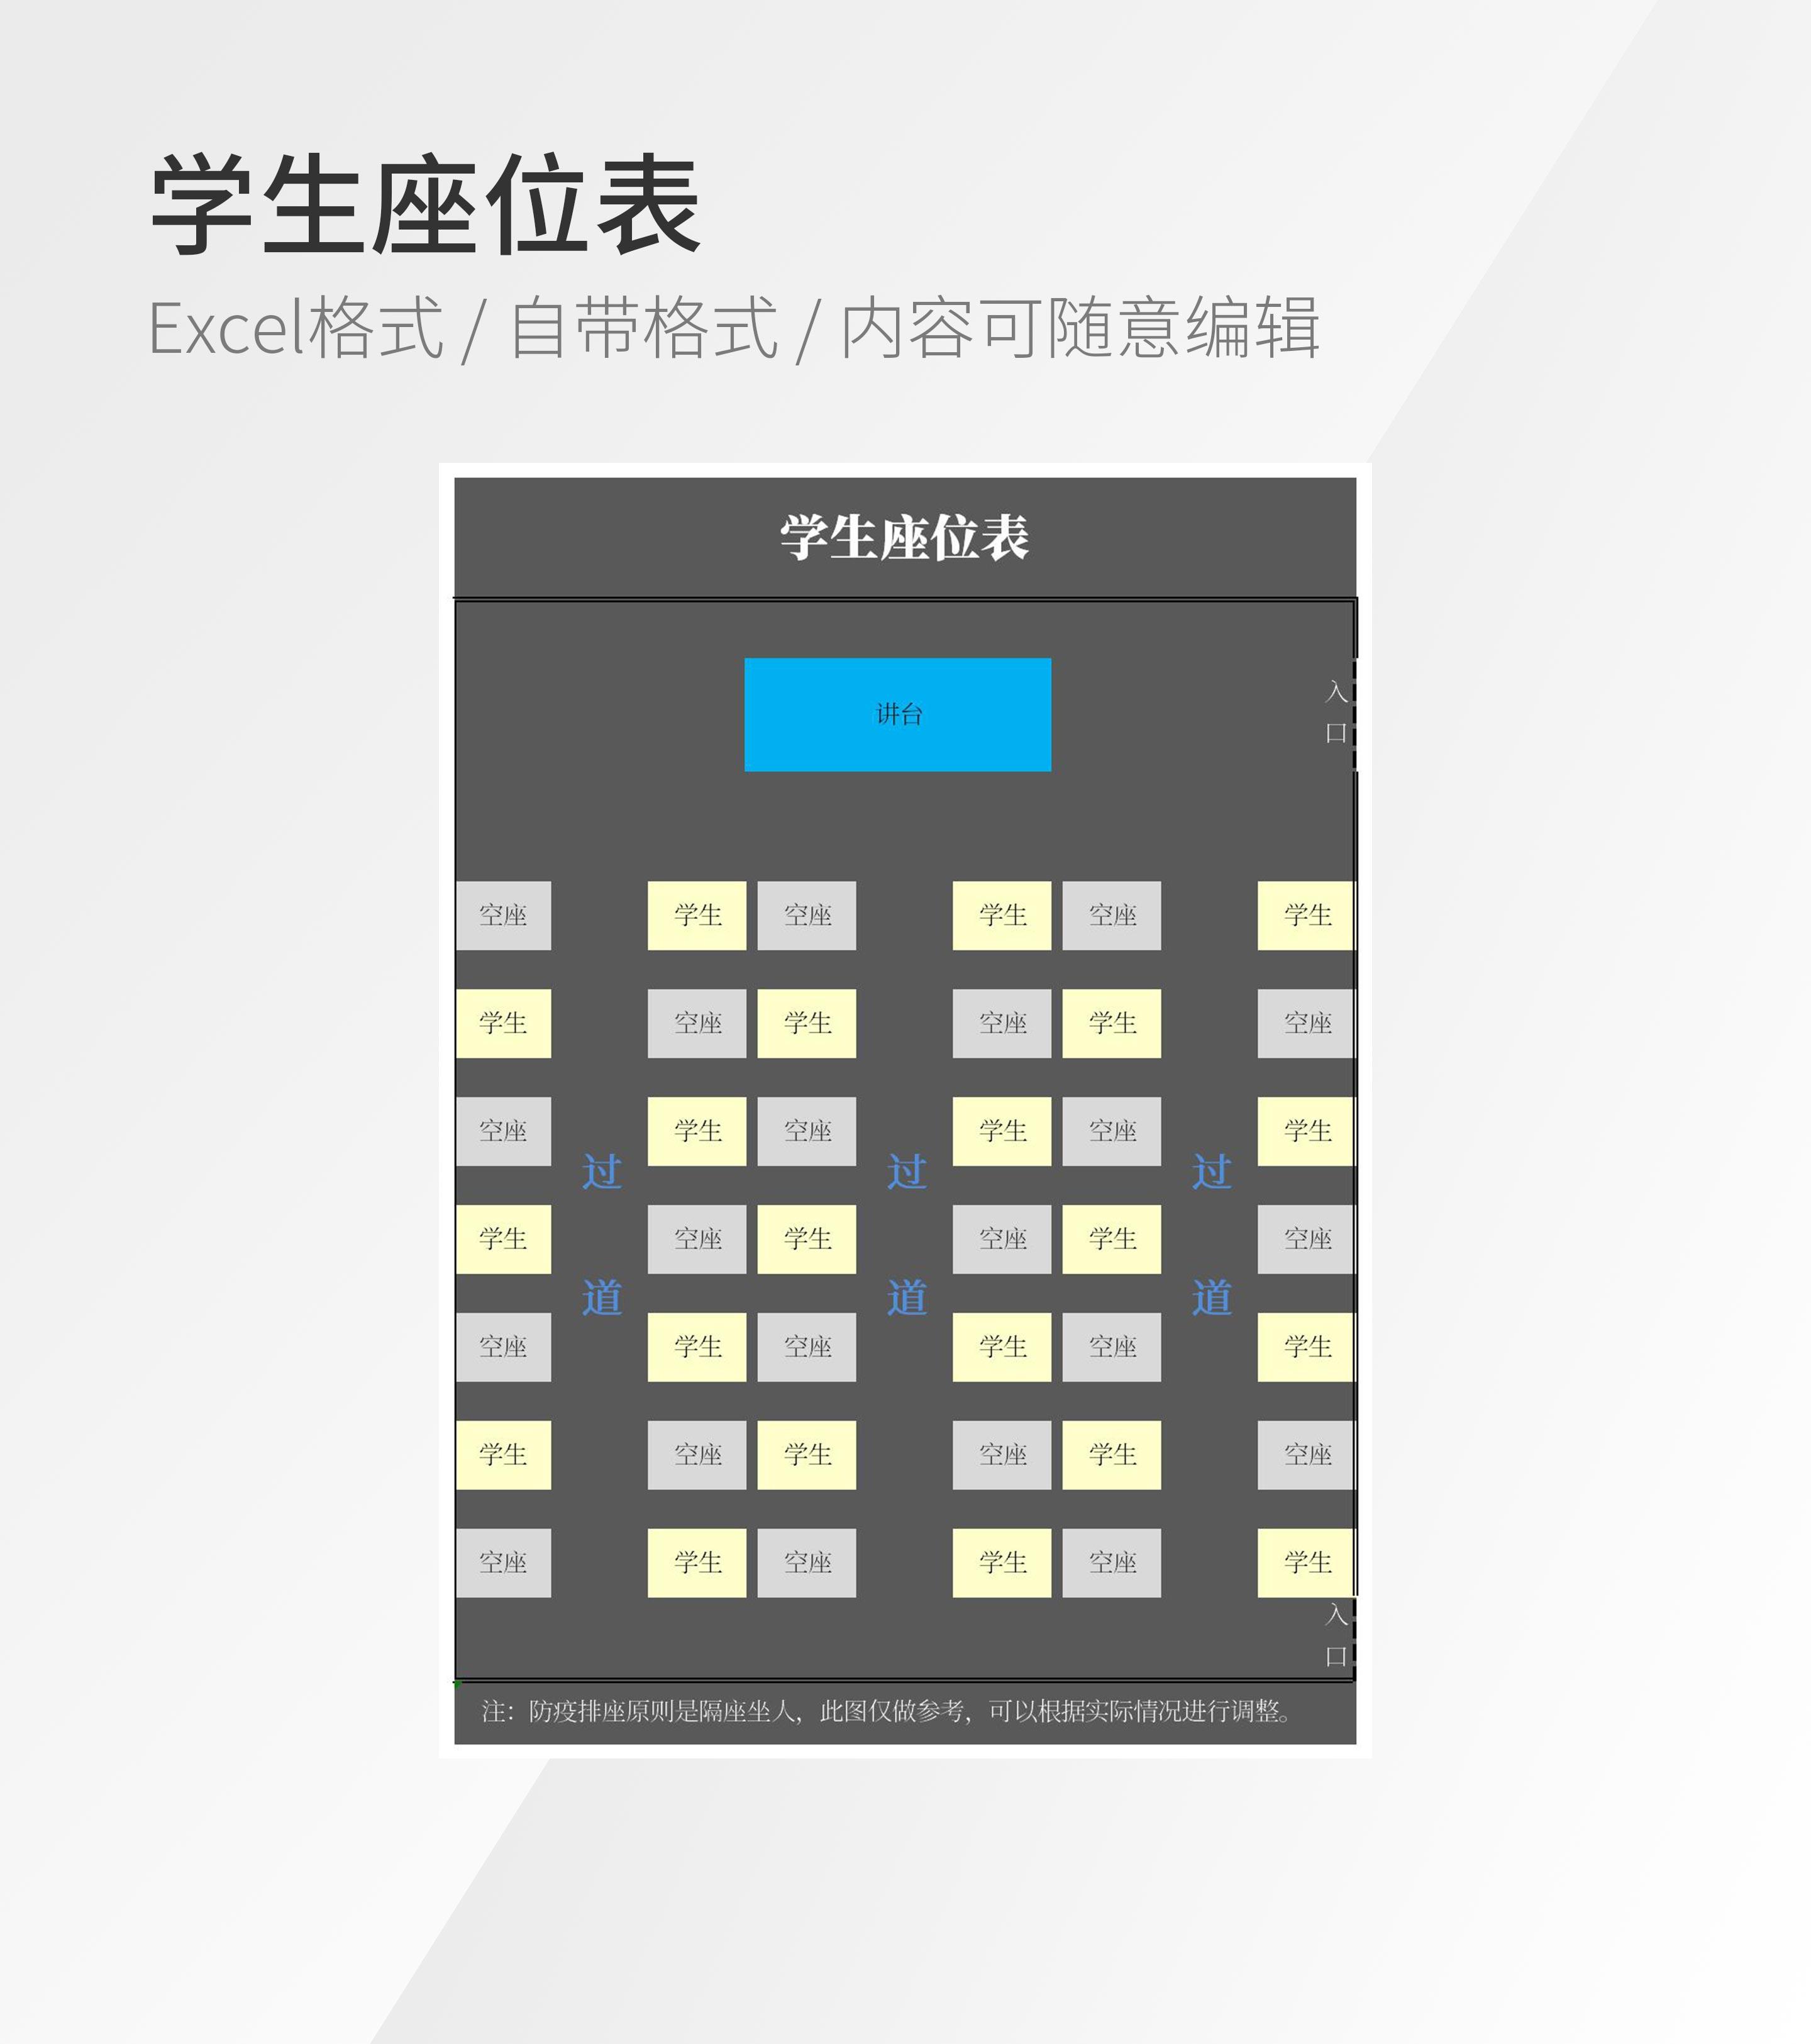 学生座位分布表Excel模板